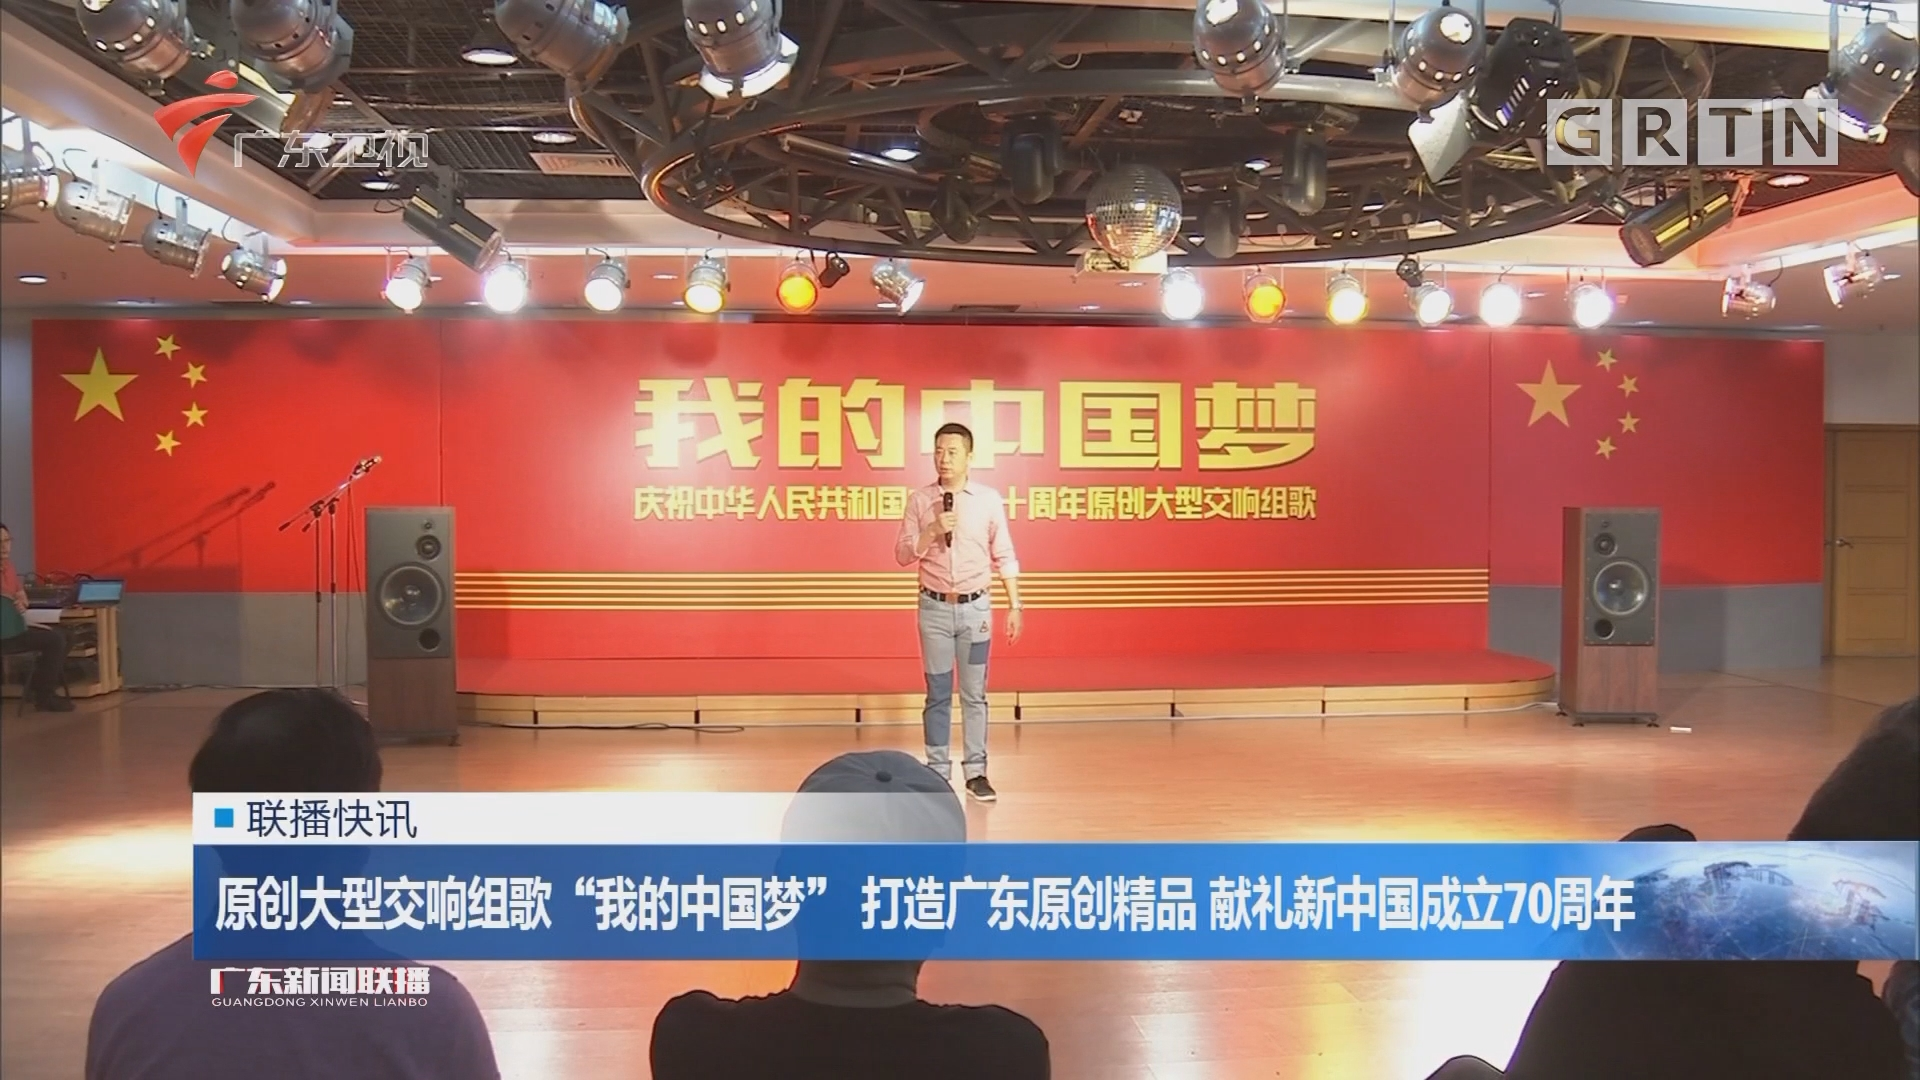 """原创大型交响组歌""""我的中国梦"""" 打造广东原创精品 献礼新中国成立70周年"""